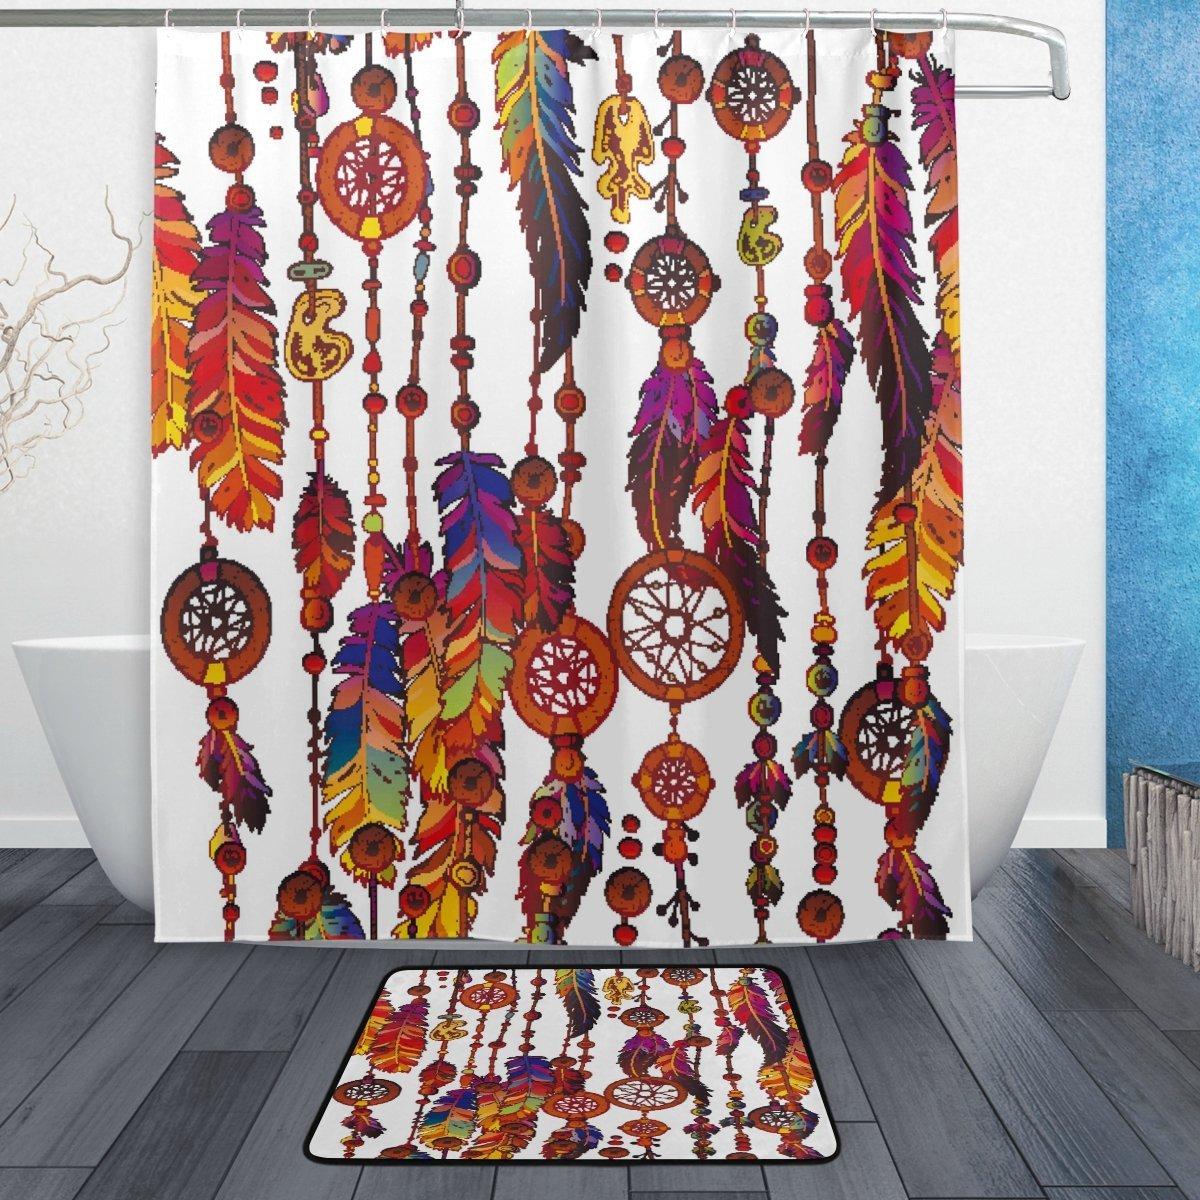 негроидной шторы в этно стиле фото приготовим мятный зефир